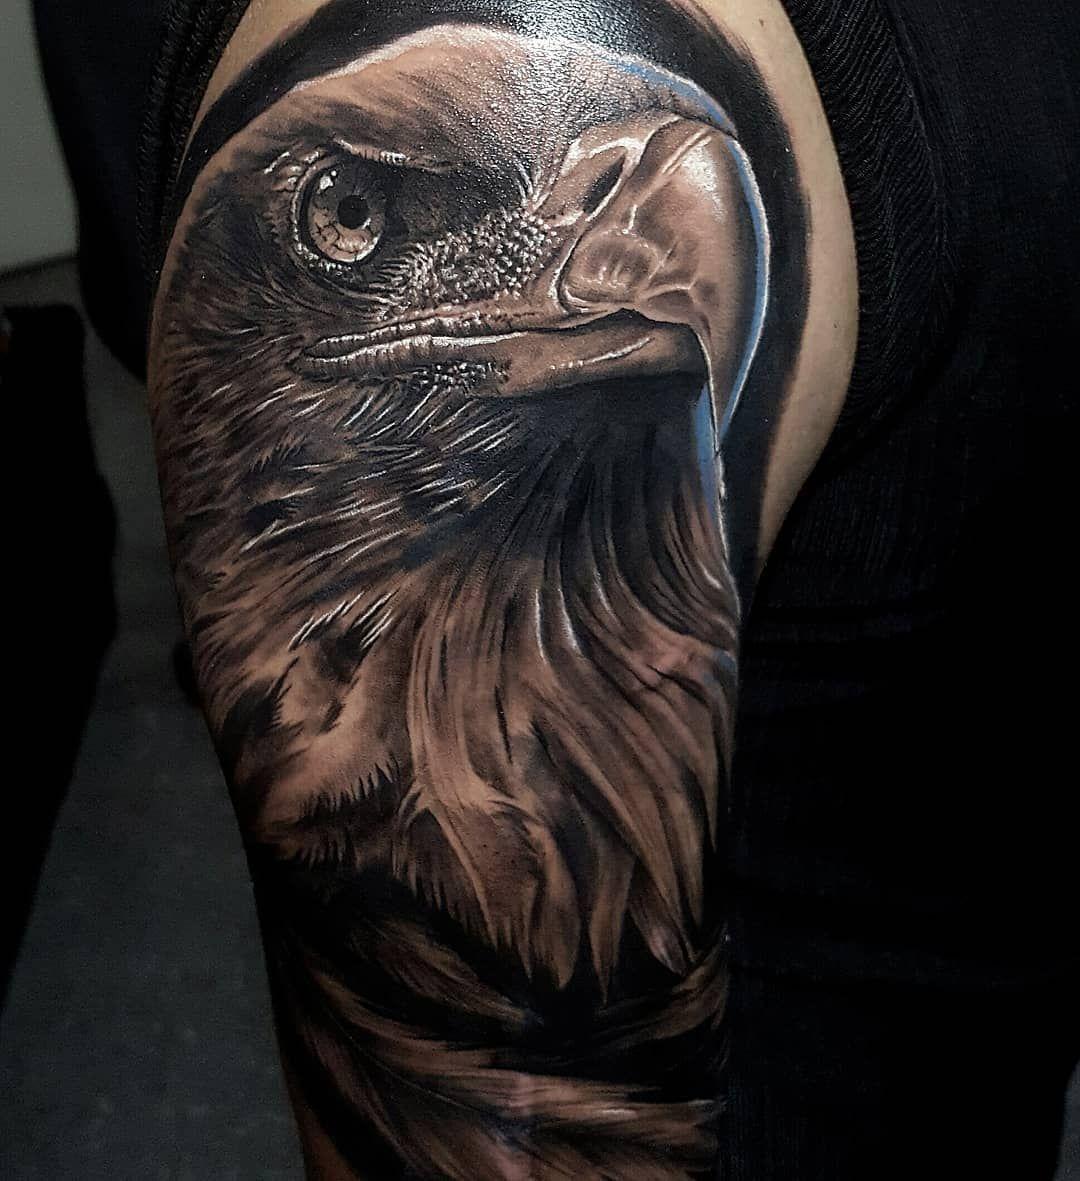 ●Águila / Realismo en Black & Gray y un cachito de color . . .  #tattoo #aguila #aguilatattoo #tattoorealistic #tattoos #tattooing #tattooist #tattooer #tattooart #tattooartist #blackandwhite #blackandgrey #portrait #portraittattoo #inktattoo #inked #tattooed #fresh #shading  #realismotattoo #realistictattoo